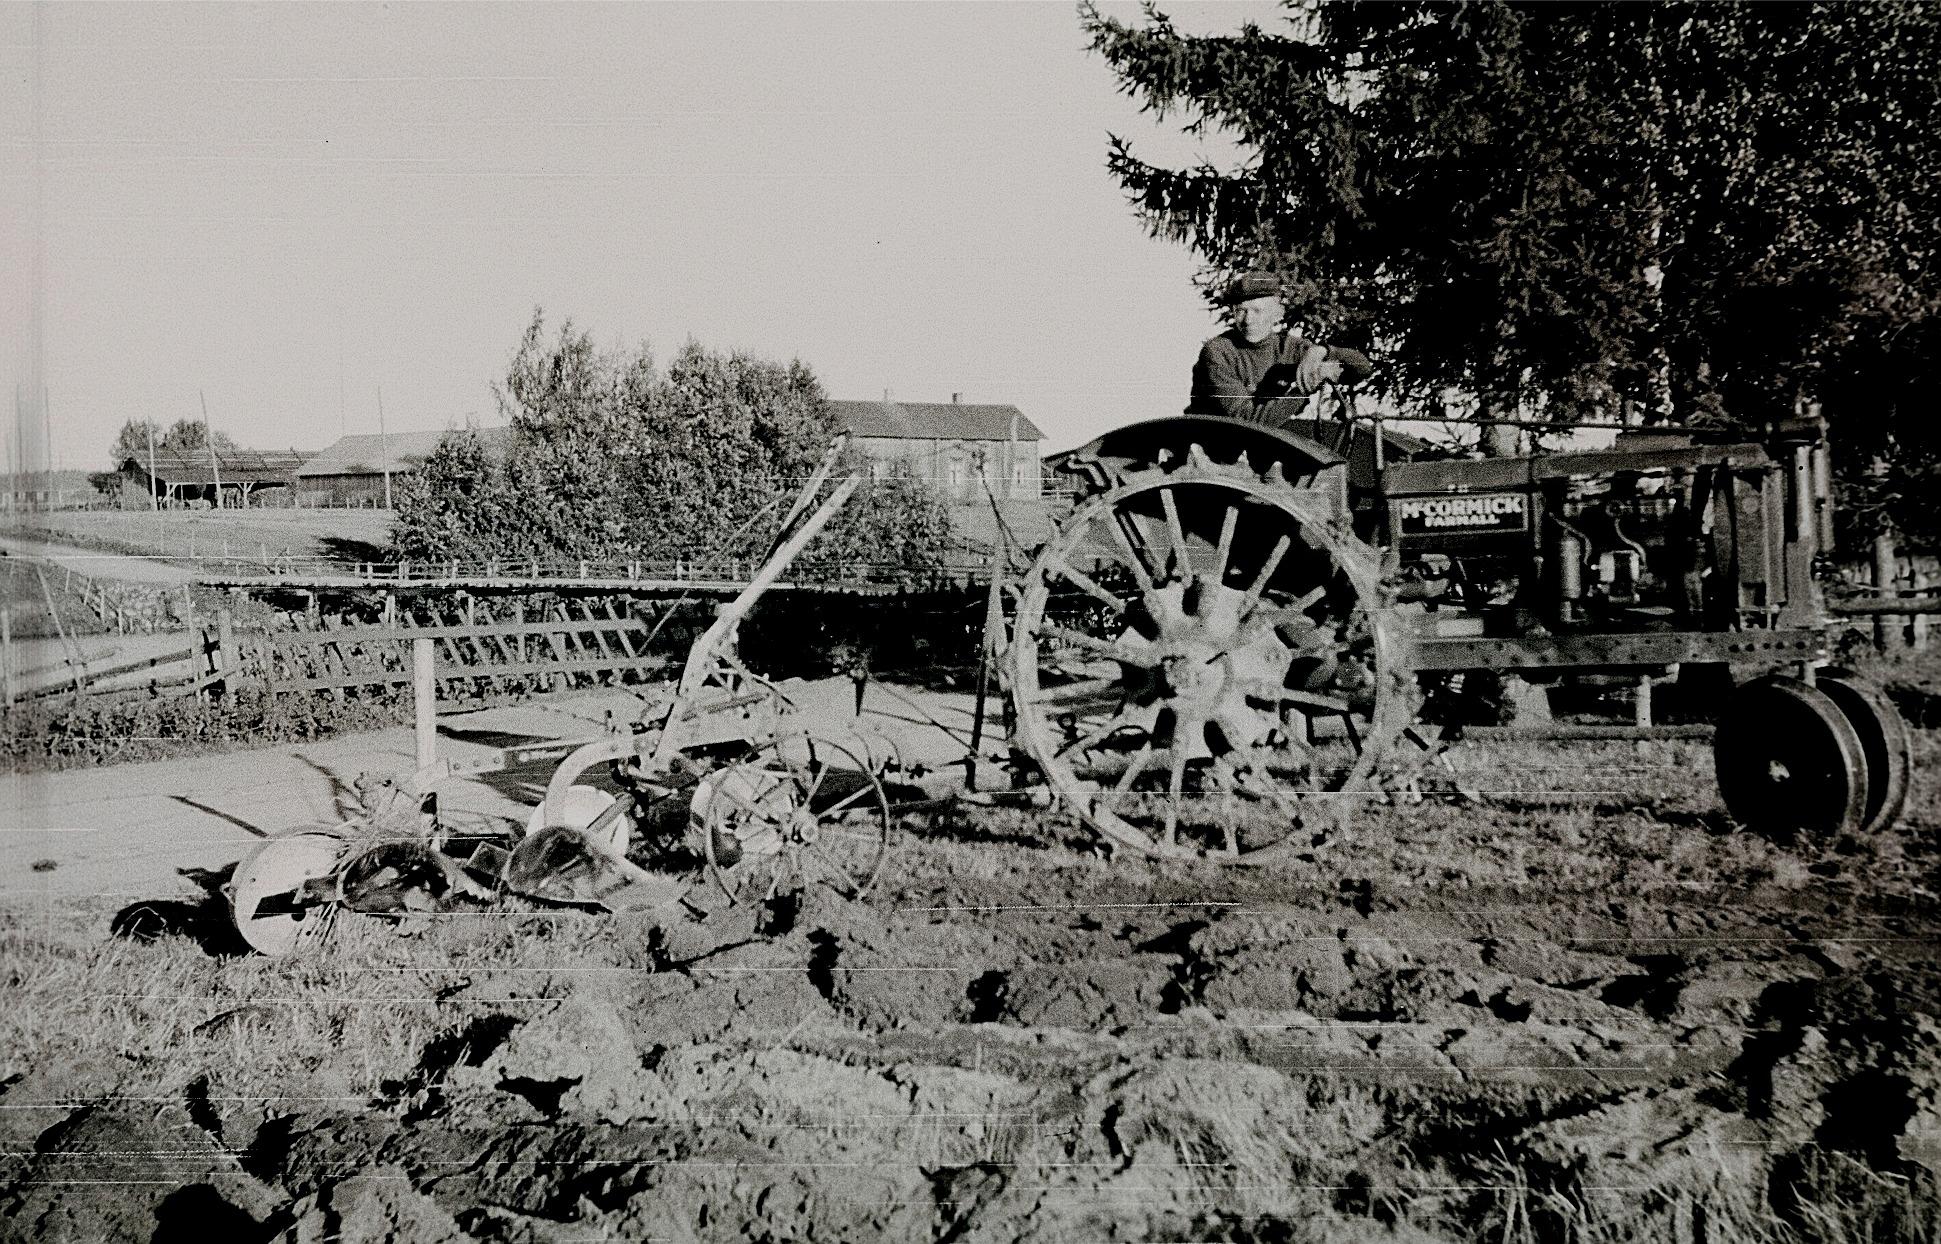 Otto Fröberg plogar med sin nya traktor av modell McCormick, med järnhjul både fram och bak. I bakgrunden Flottbron och Storhannus gård.